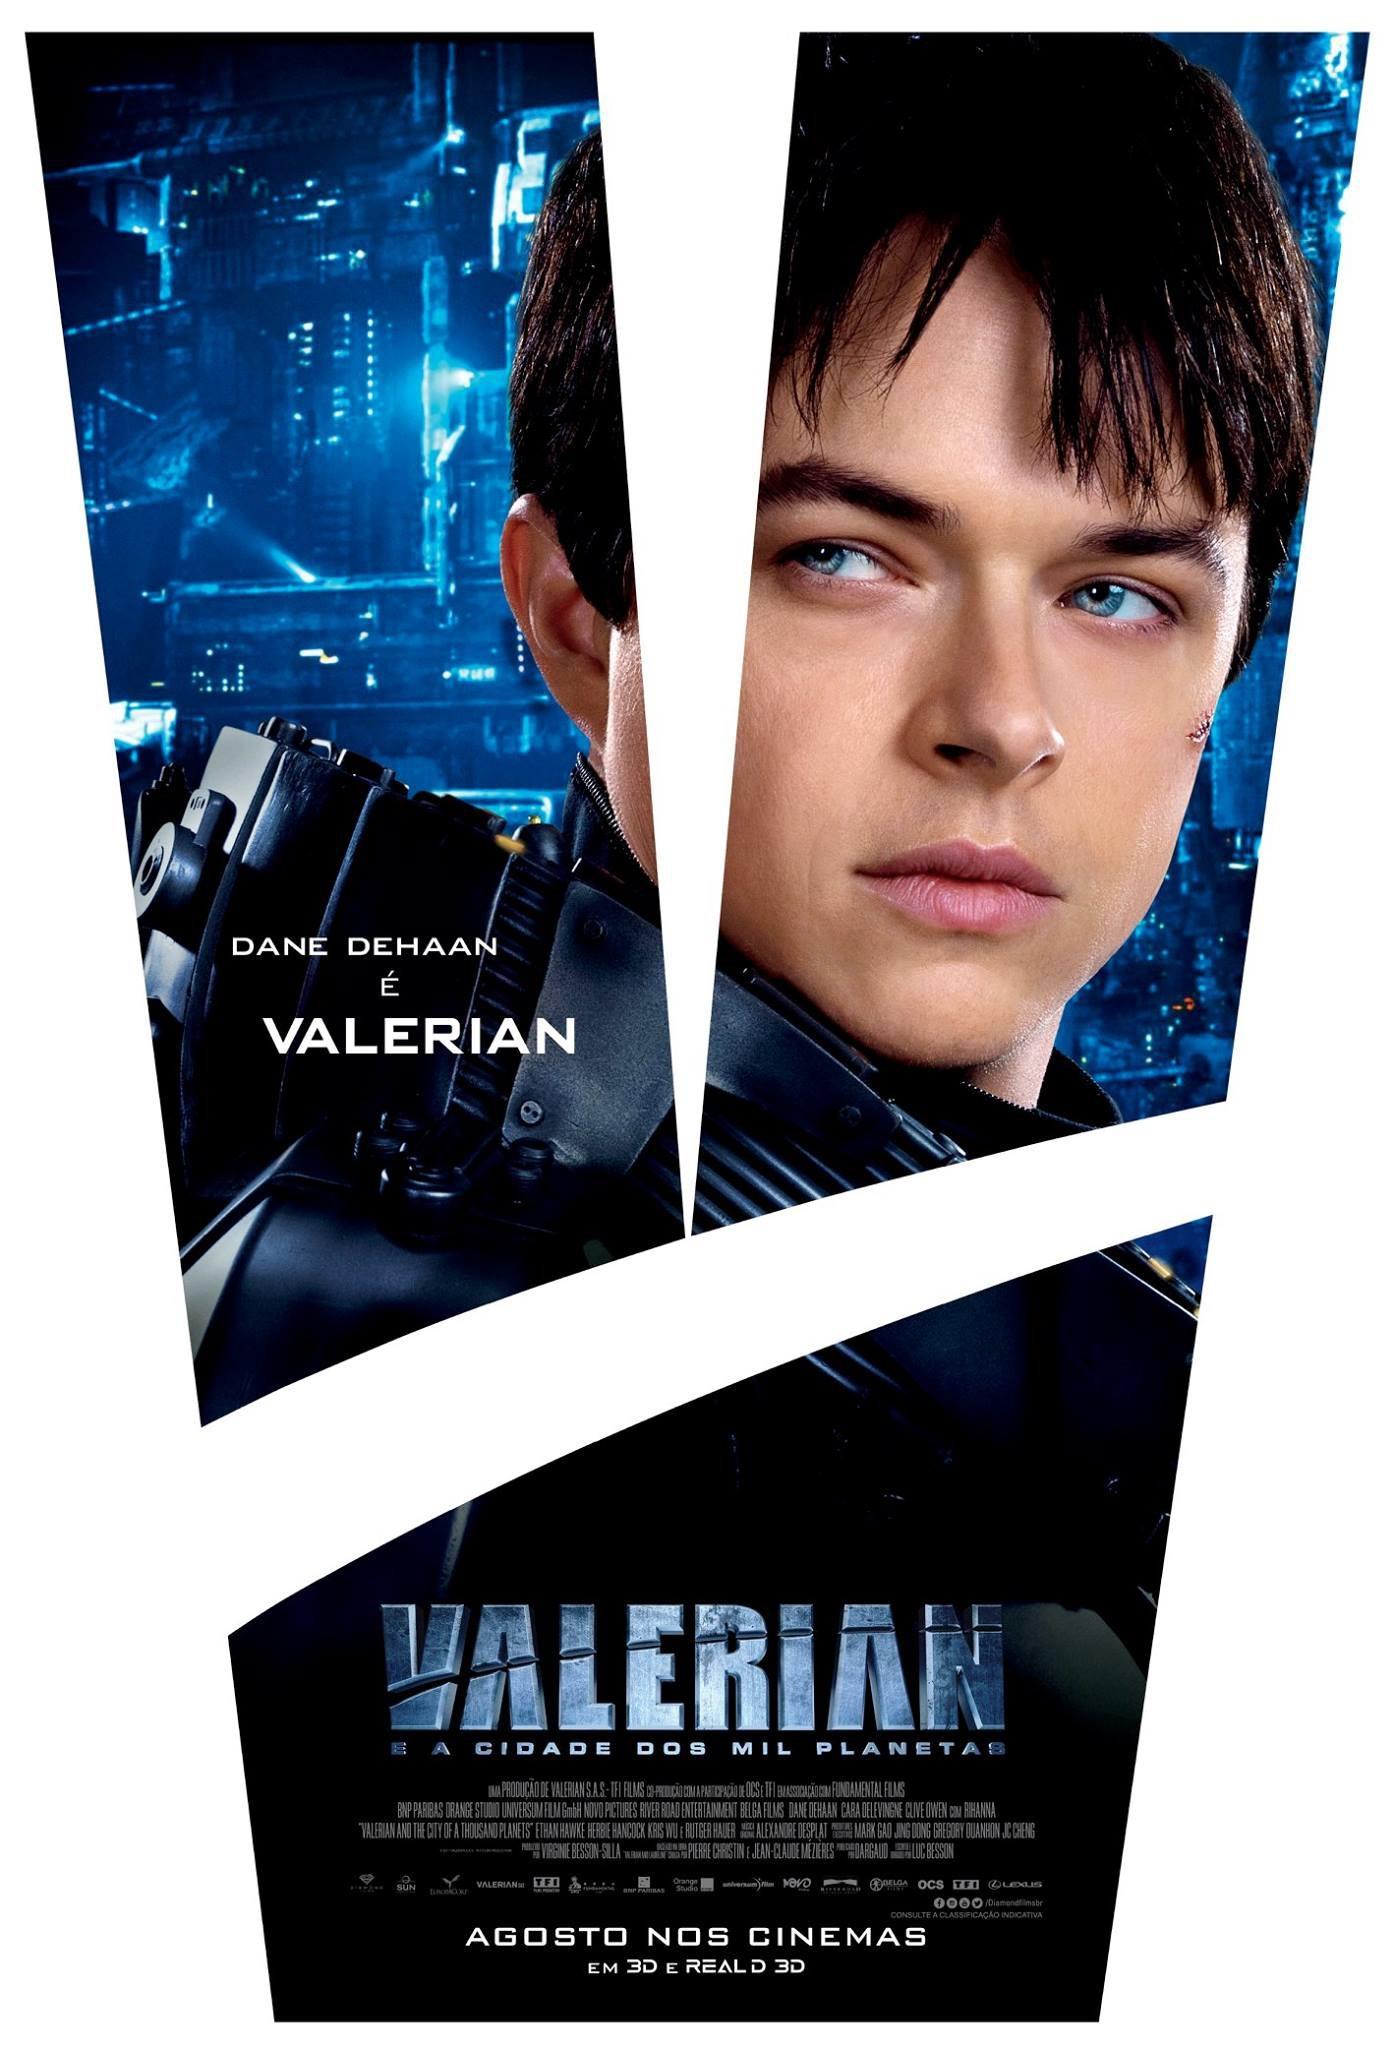 Валериан игород тысячи планет, постер № 14